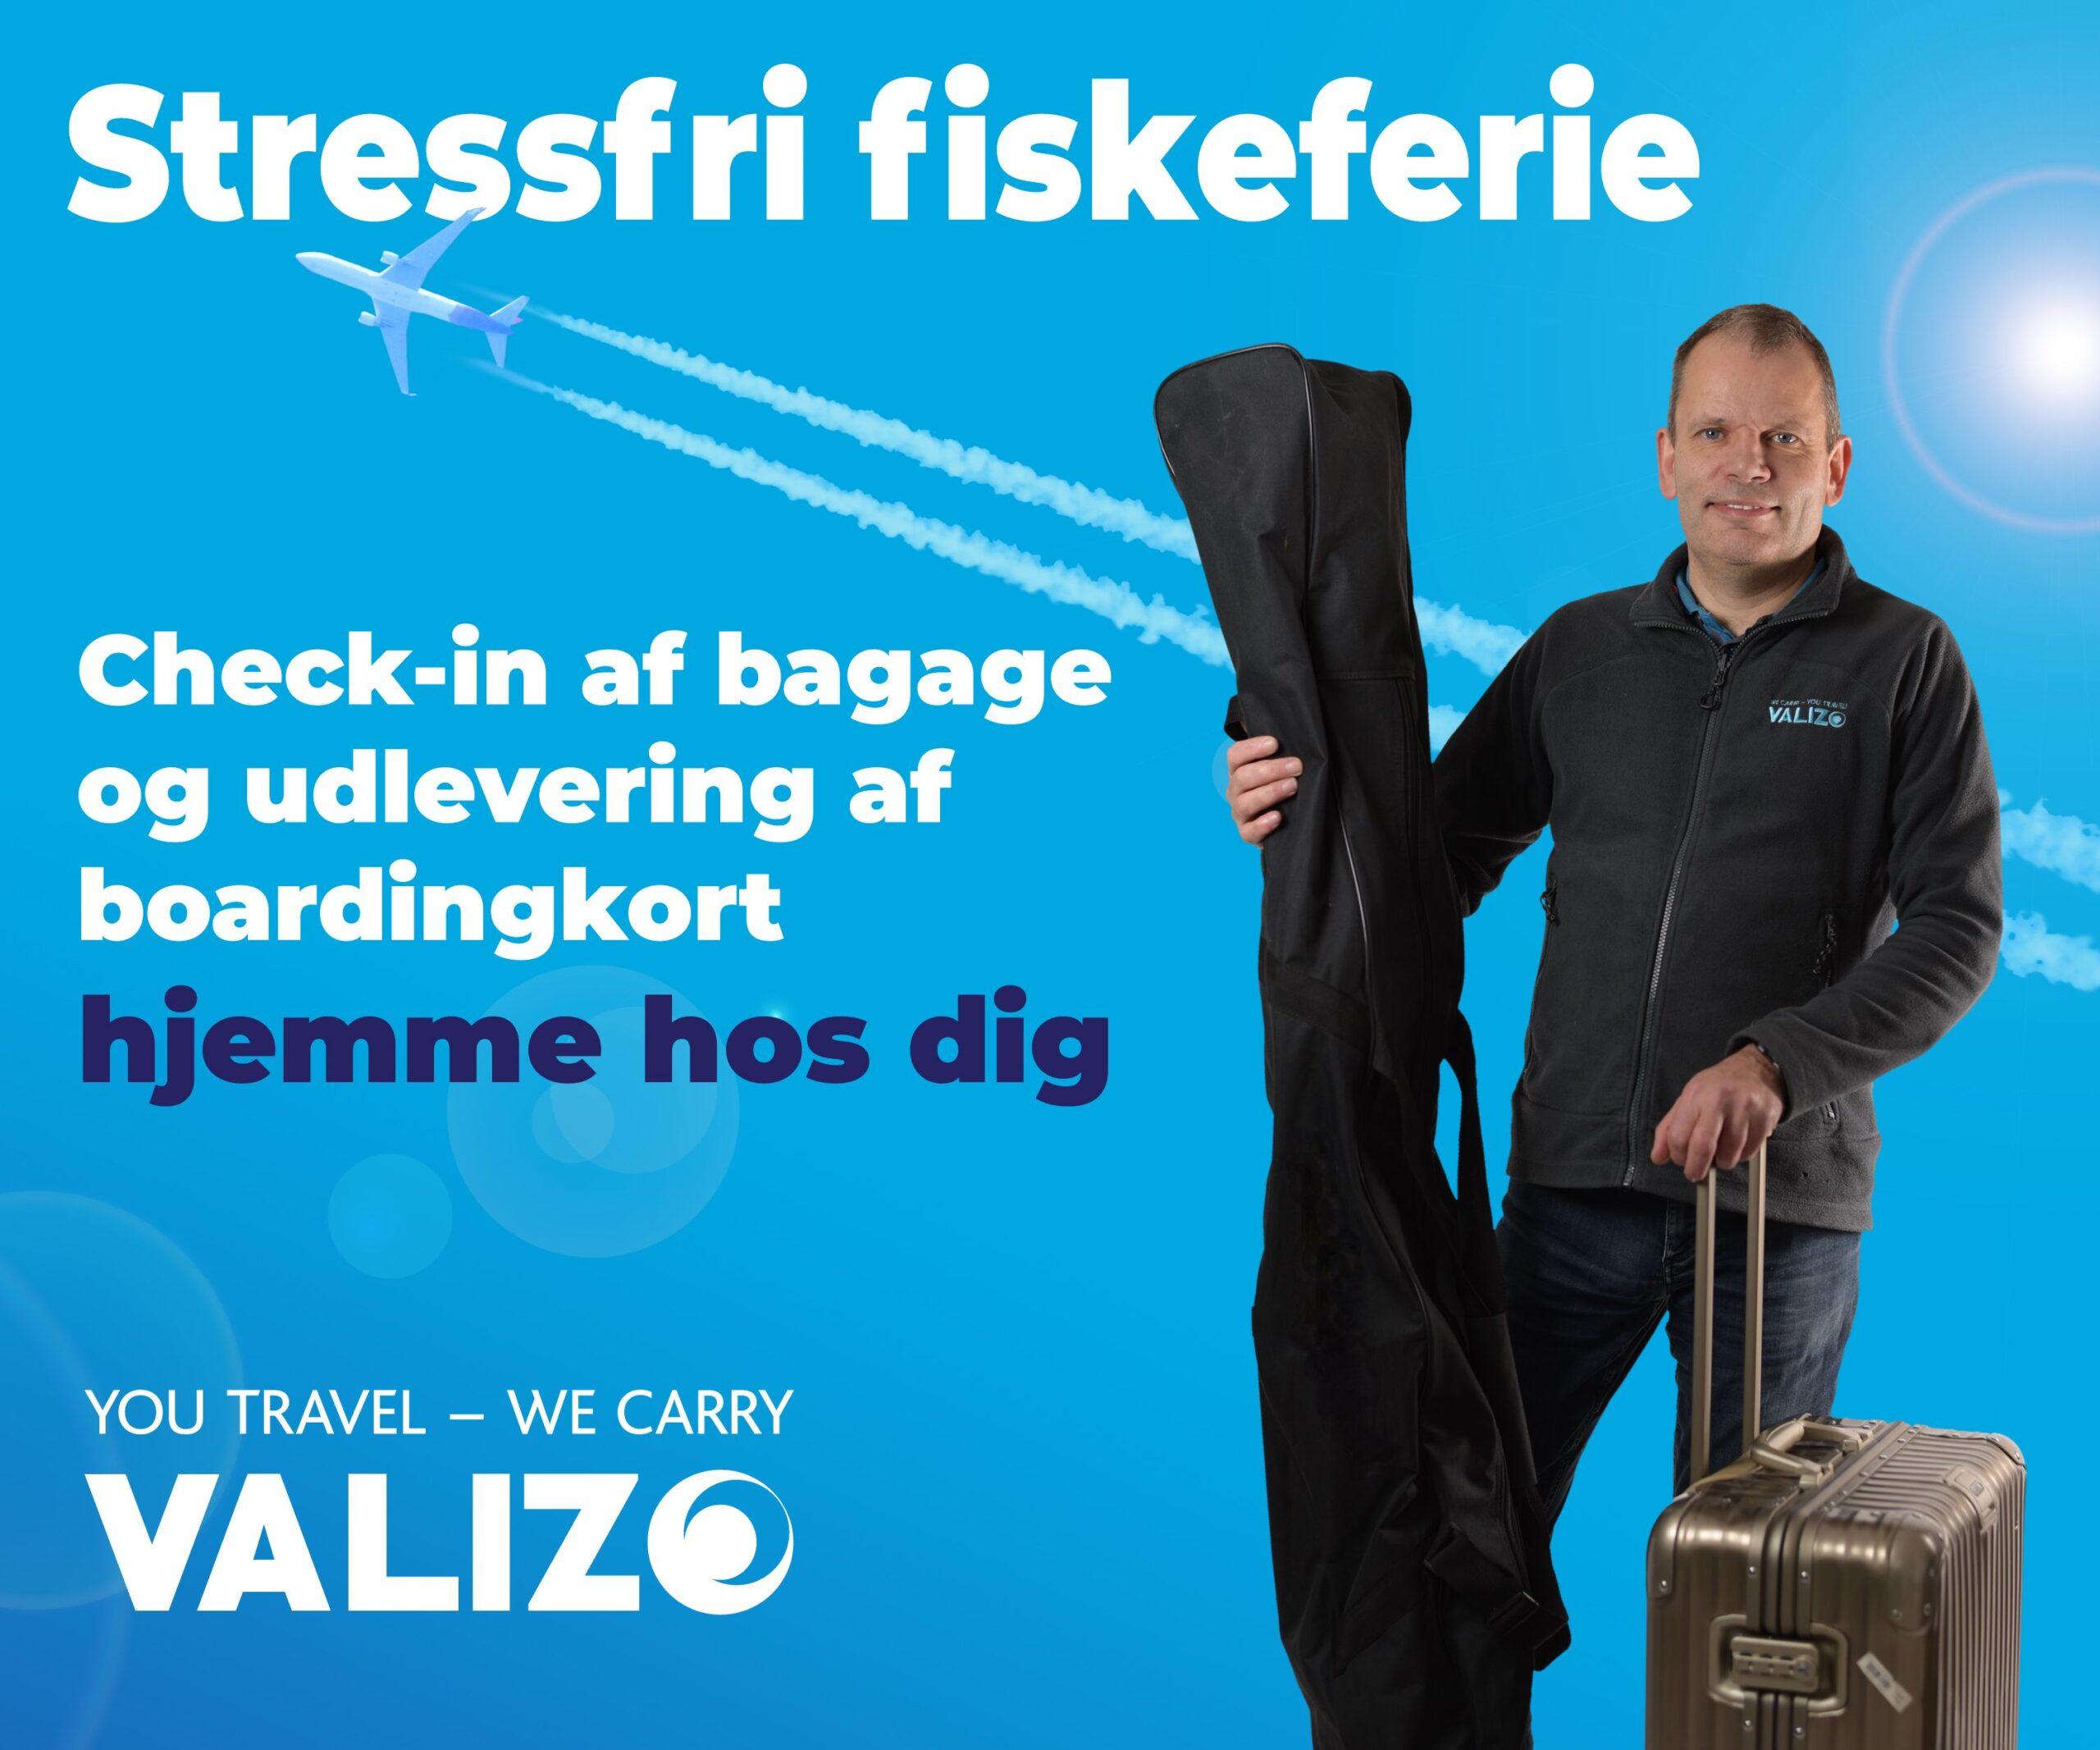 Valizo bagage afhentning til fiskerejsen